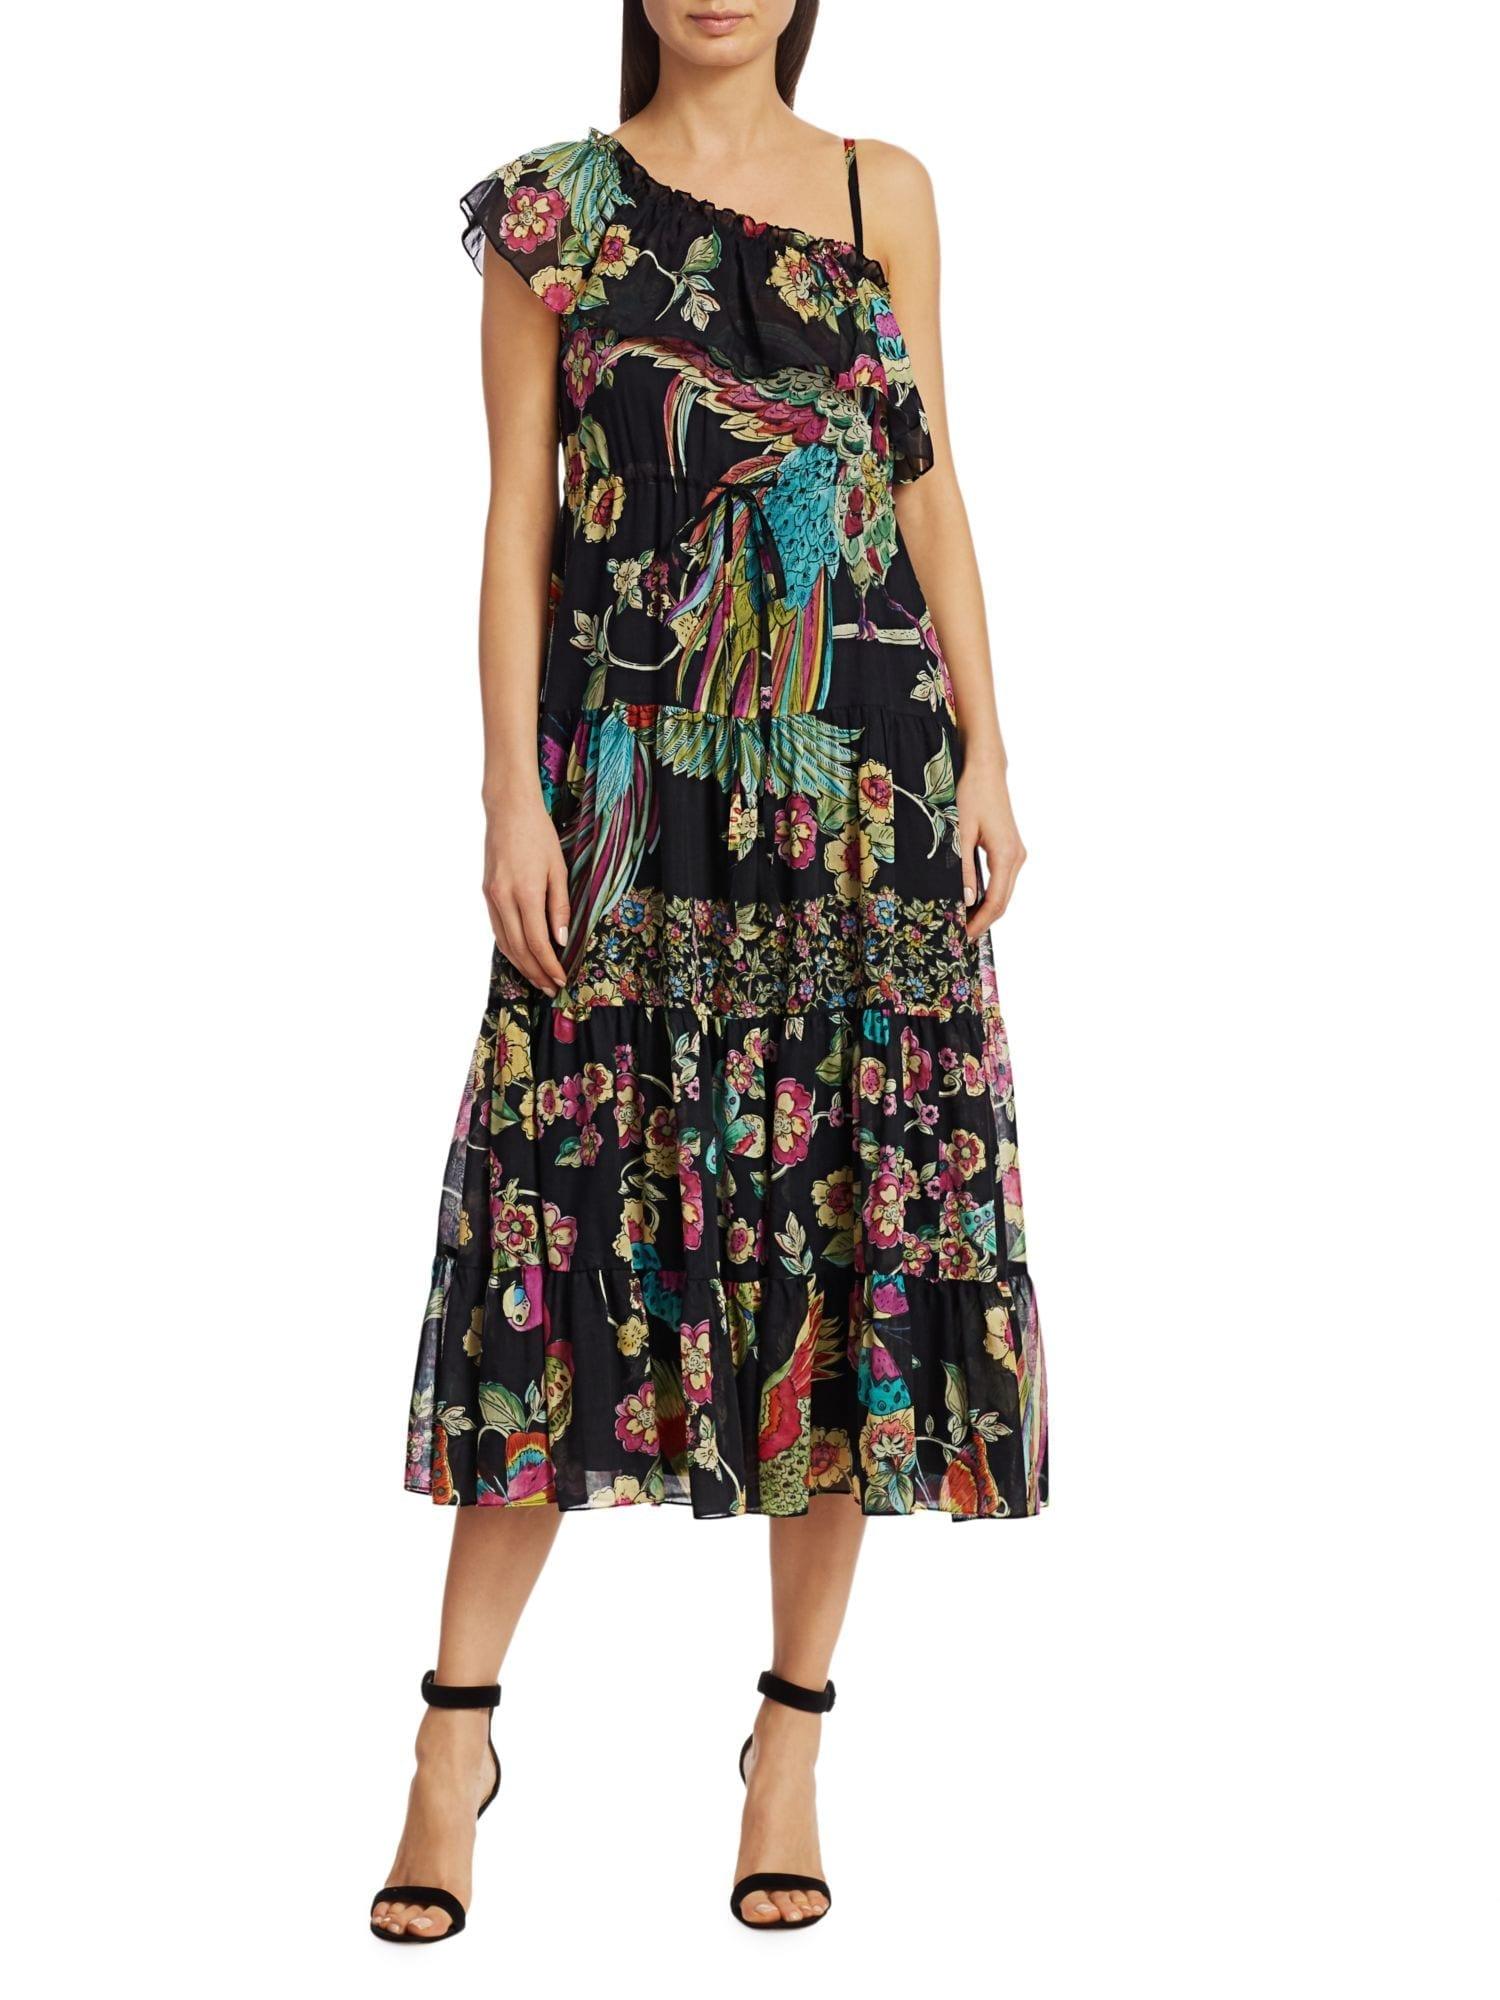 REDVALENTINO Bird-Printed One-Shoulder Dress